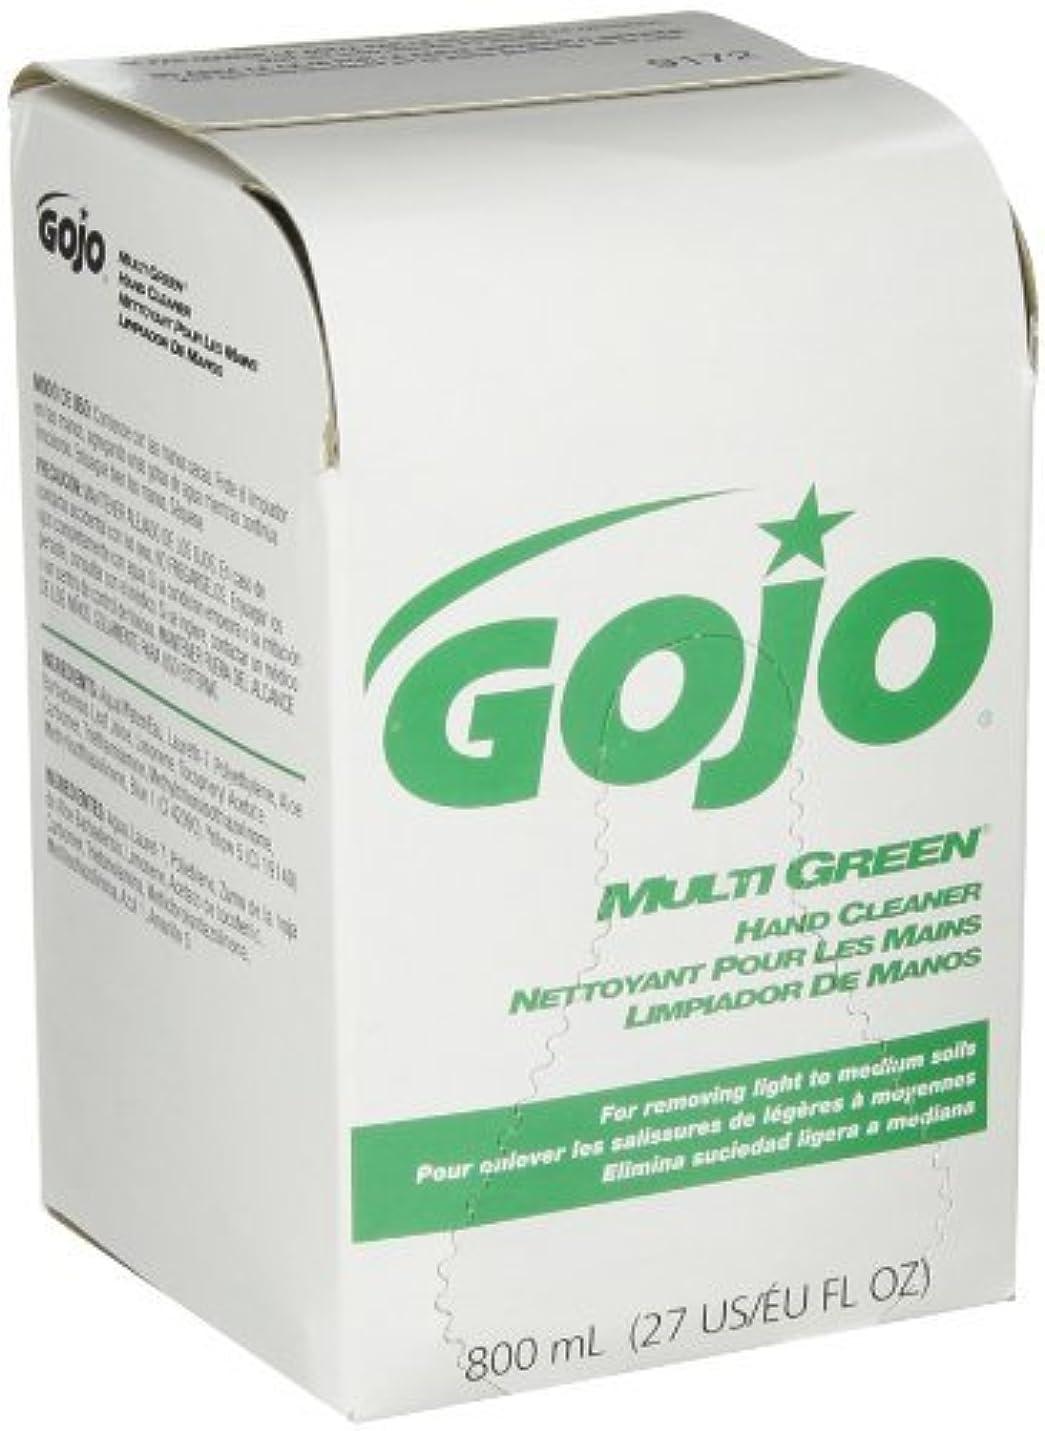 きらめき記念機密GOJO 800 Series MULTI GREEN Hand Cleaner,with Natural Pumice Scrubbers,800 mL Hand Cleaner Refill for 800 Series...